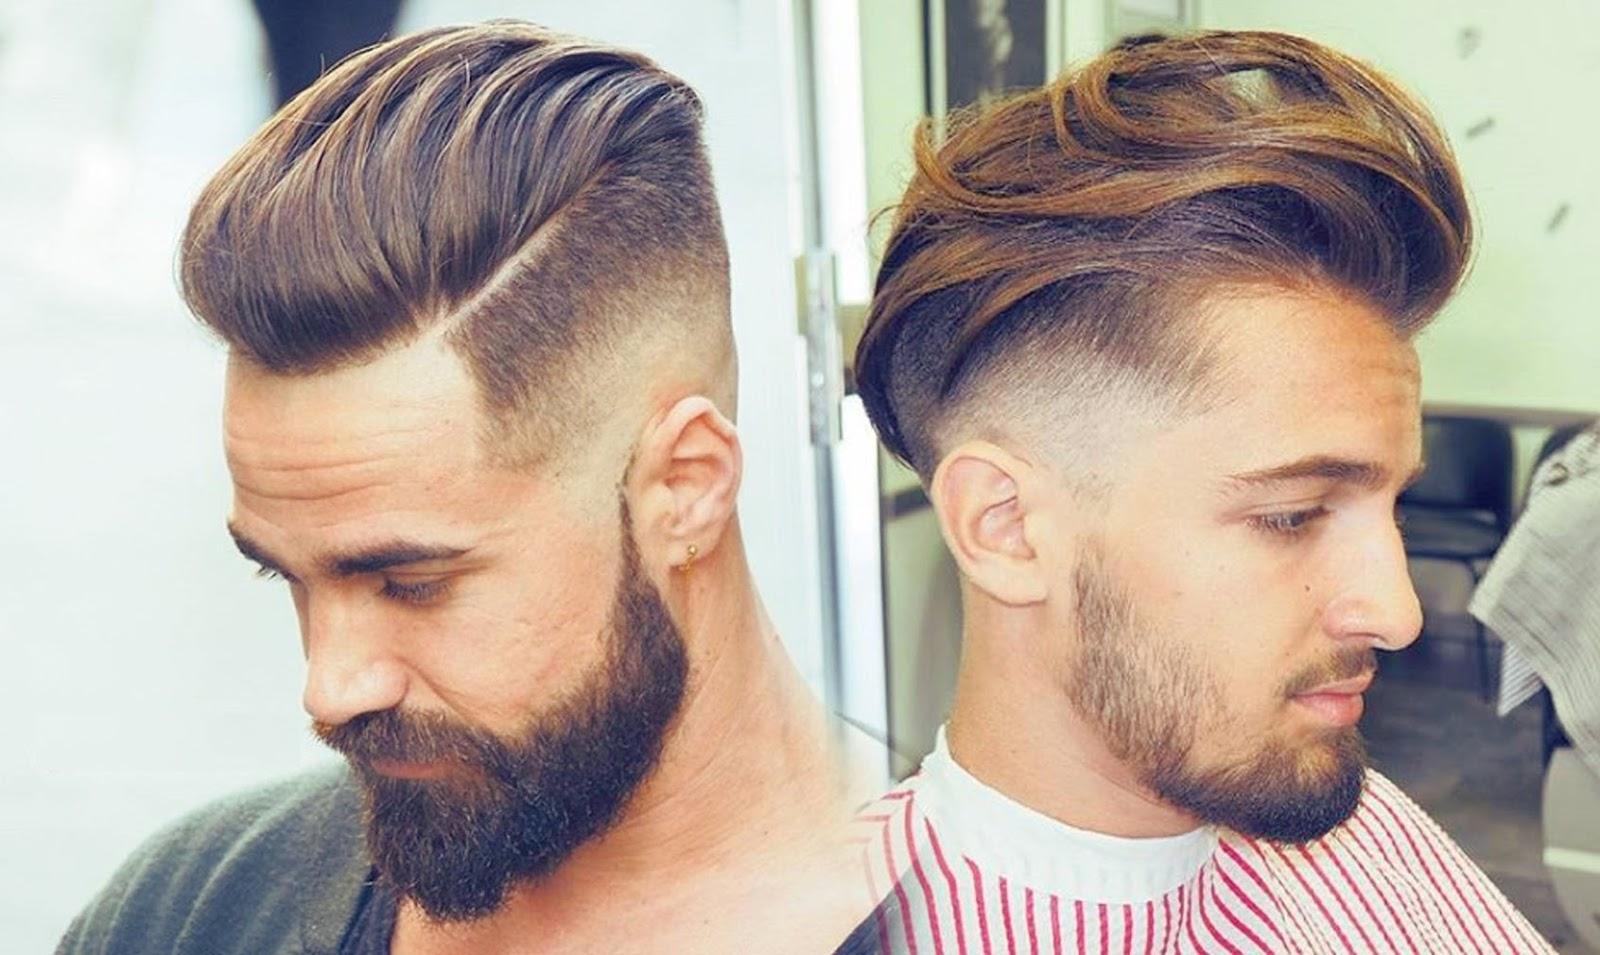 بالصور احدث قصات الشعر للشباب , موضه الشعر الطويل 3553 8